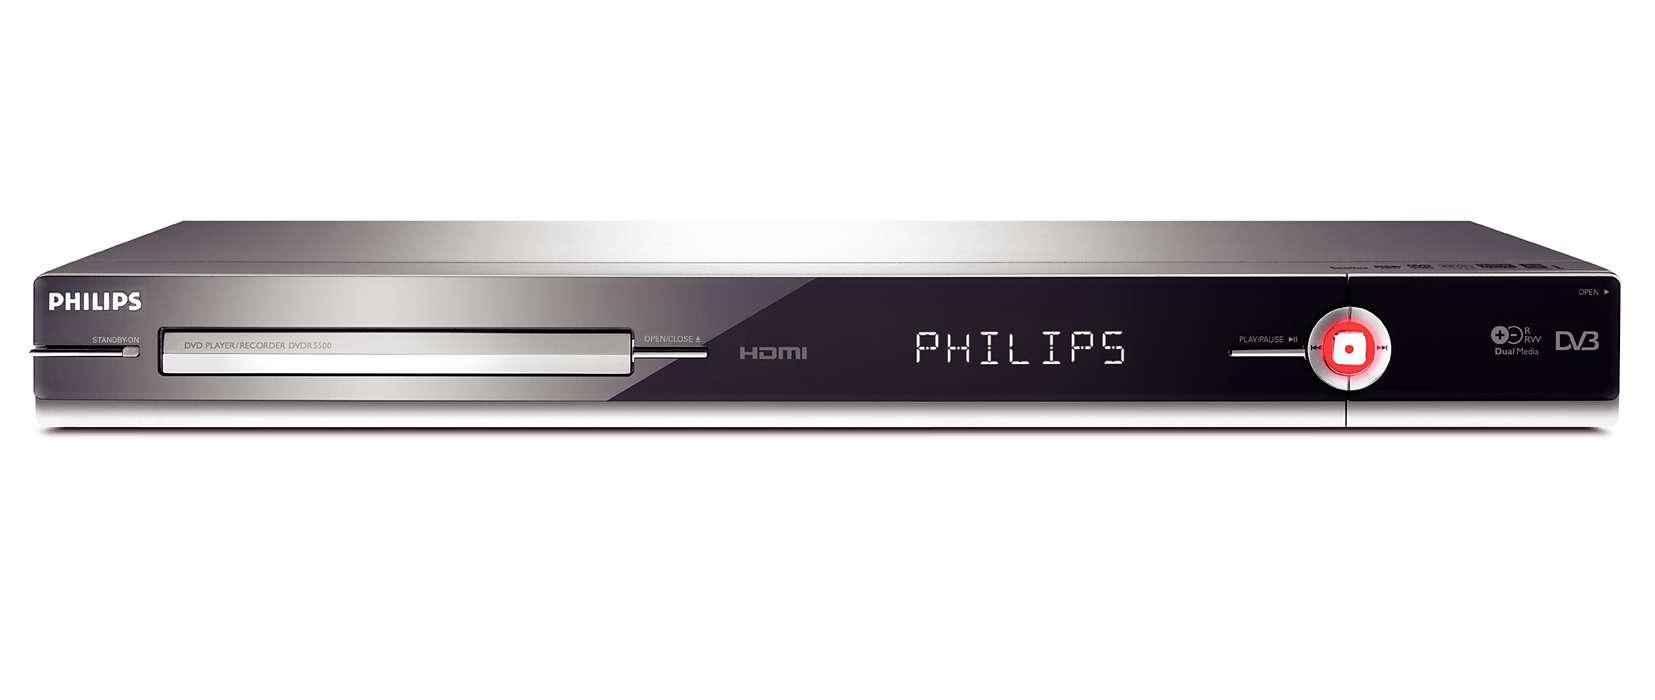 Vychutnajte si digitálnu TV v kvalite 1080i HD